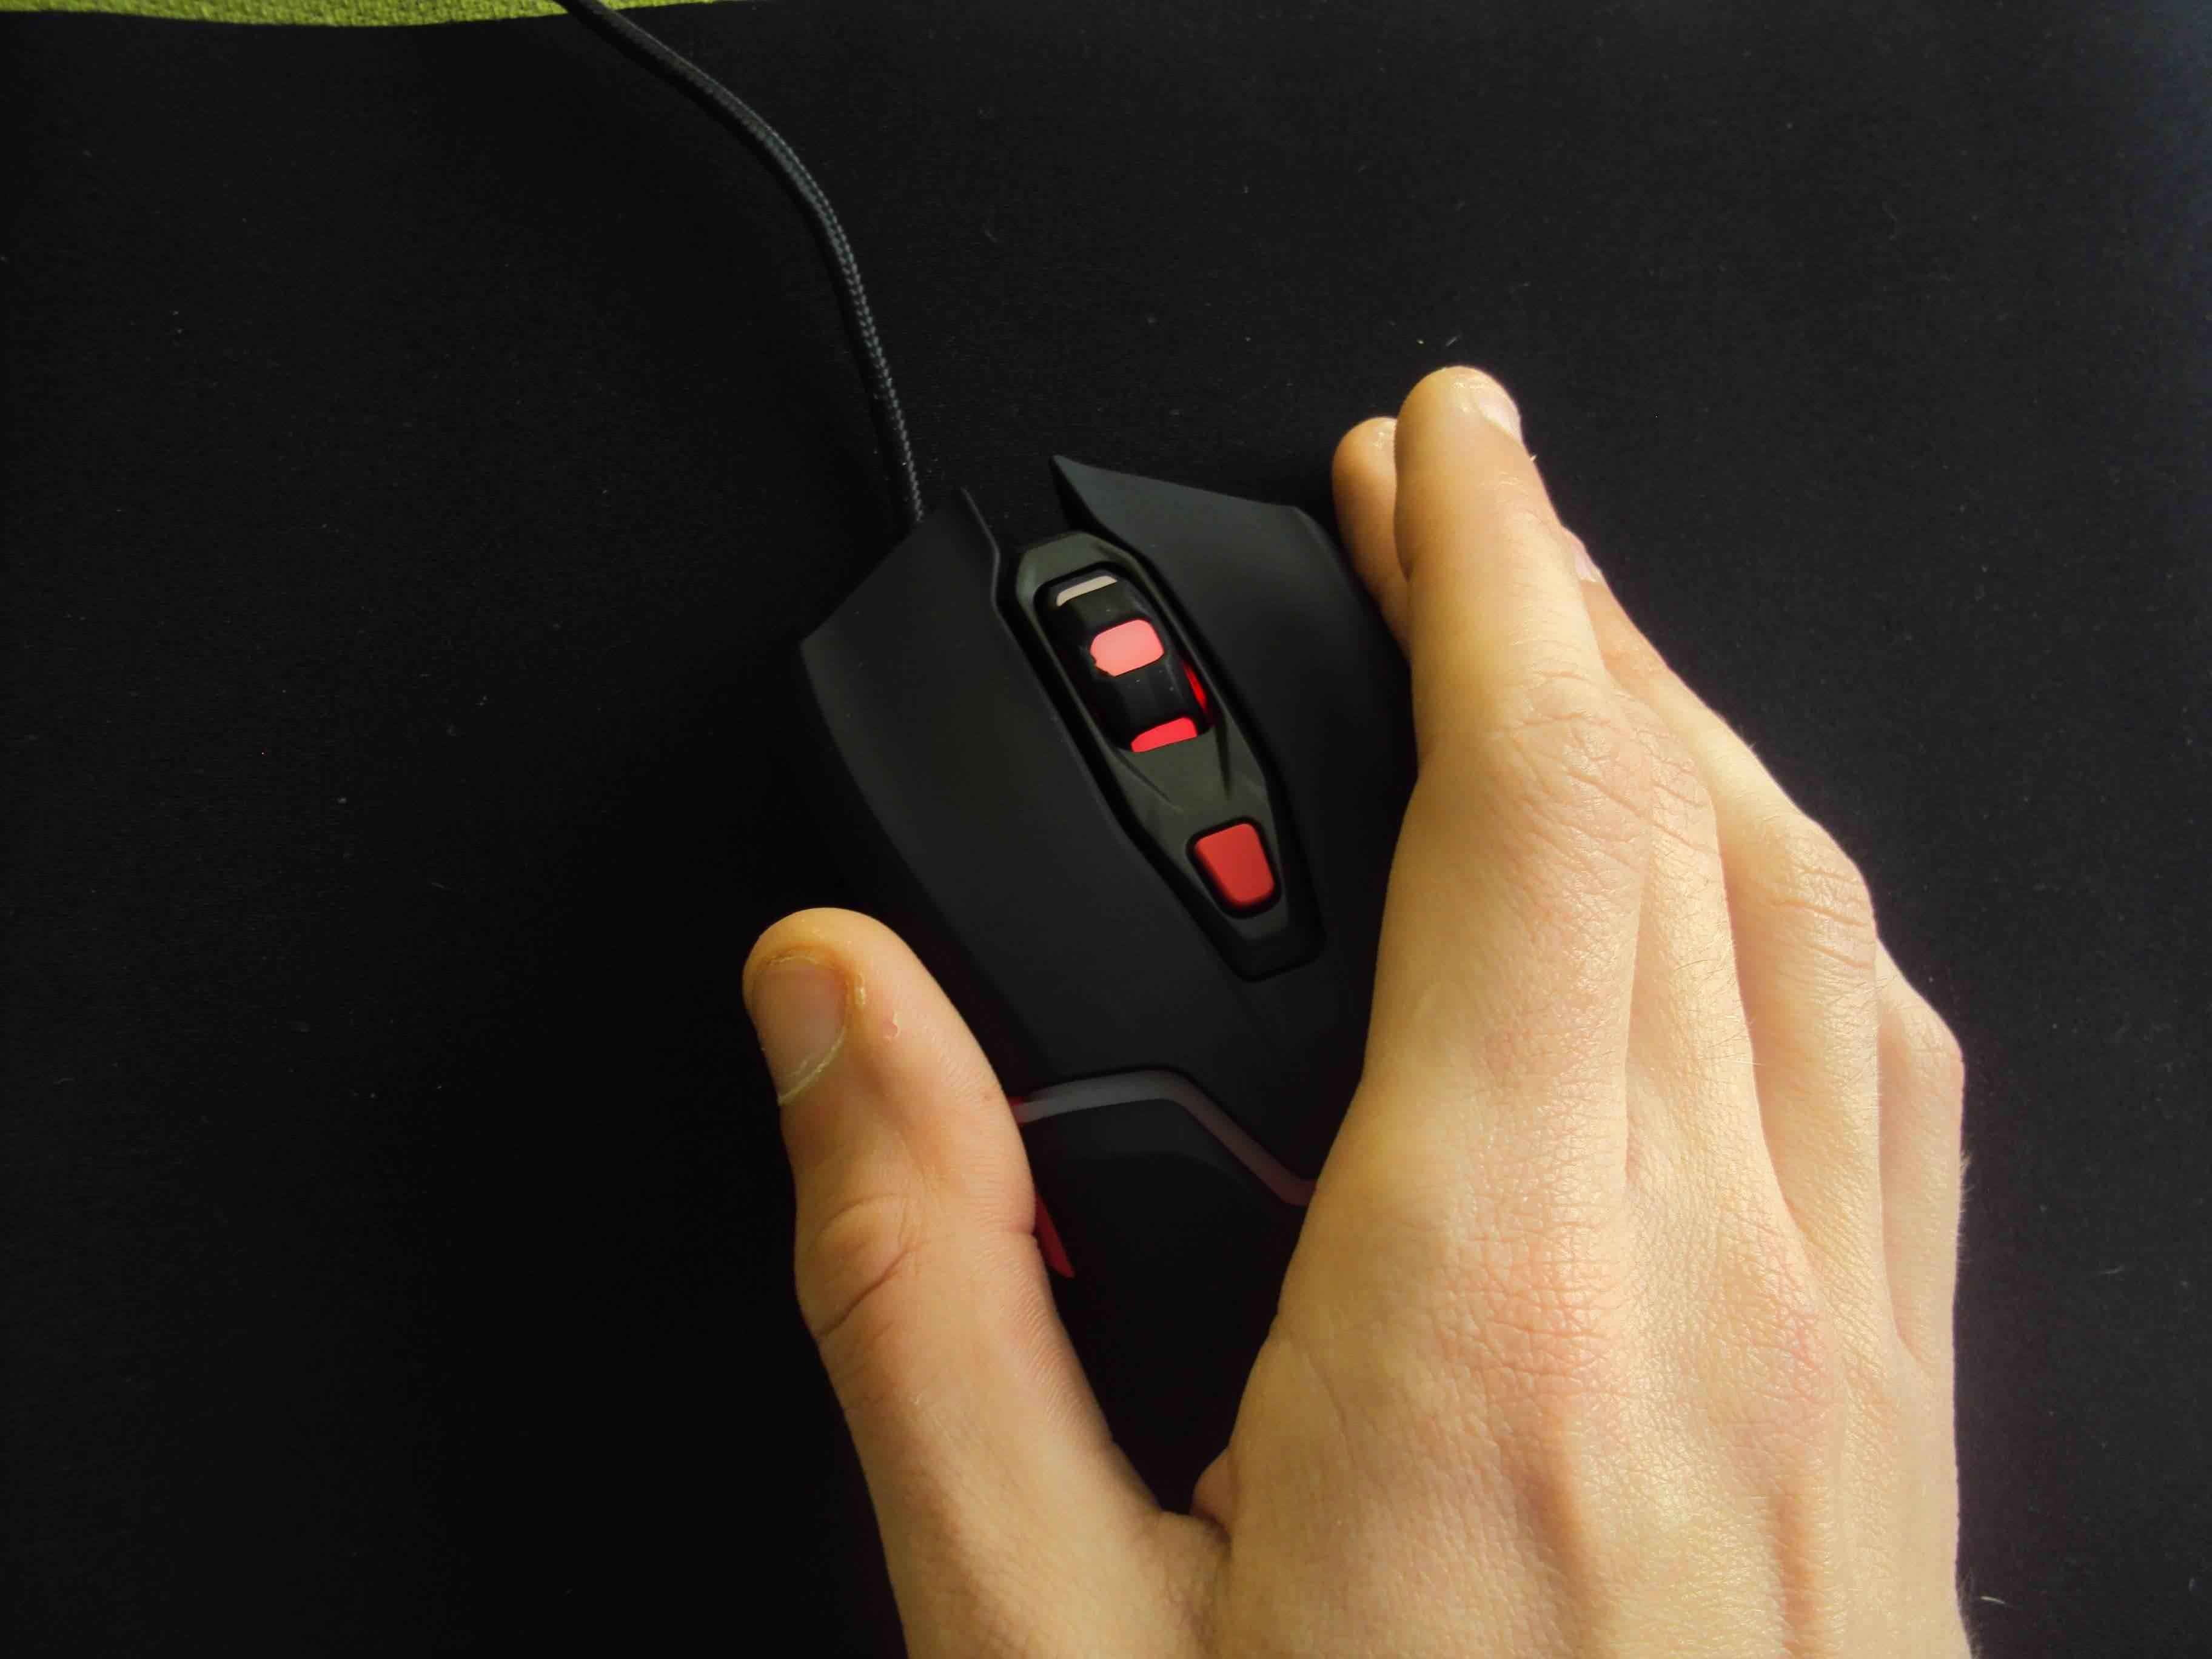 Tracer Game Zone Oblivion - test i recenzja recenzje, akcesoria zalety, wady, Tracer Game Zone Oblivion, Recenzja, myszka  Osobiście nie interesuje się myszkami dla graczy i do niedawna korzystałem wyłącznie z bezprzewodowej myszki Microsoftu, ale przed świętami postanowiłem sprawdzić, jak działa myszka dla graczy, dzięki czemu dotarł do mnie produkt firmy Tracer ? Game Zone Oblivion. DSC02647